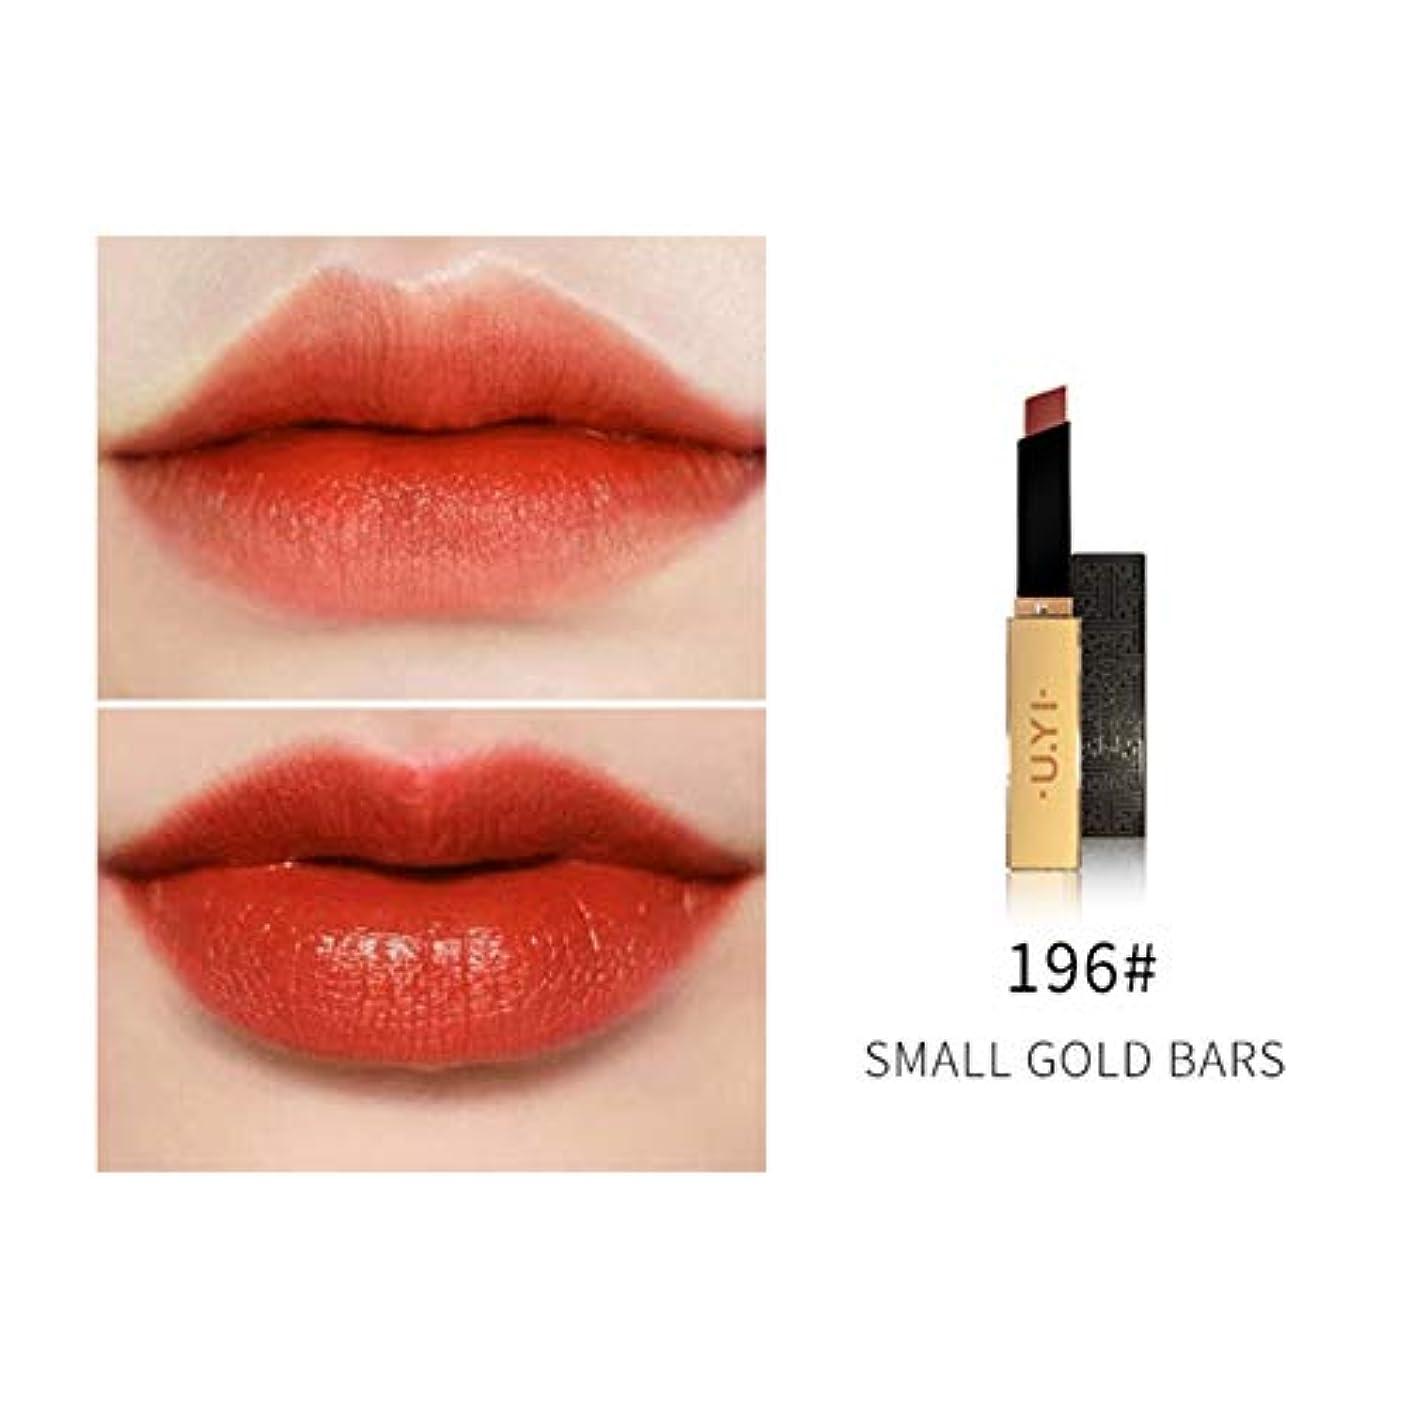 マングルサミュエルそうでなければKISSION 口紅 ゴールドマットの小さな口紅 永続的な水分 保湿と非退色の口紅 レトロ マット口紅 焦げ付き防止のカップの口紅 化粧道具